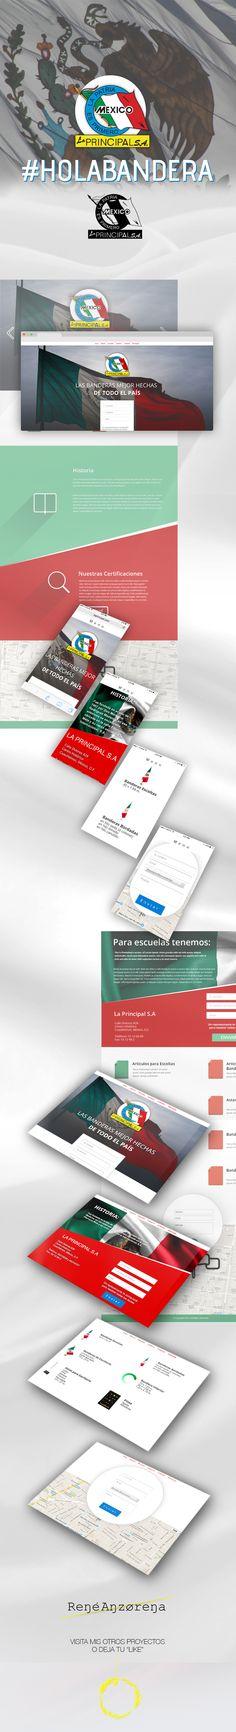 Diseño web, diseño gráfico, dirección de arte, diseño de UI/UX para Banderas La Principal, una de las más antiguas y reconocidas empresas que producen banderas mexicanas y corporativas que tienen certificación federal.  Art Direction, Graphic Design, Web Design